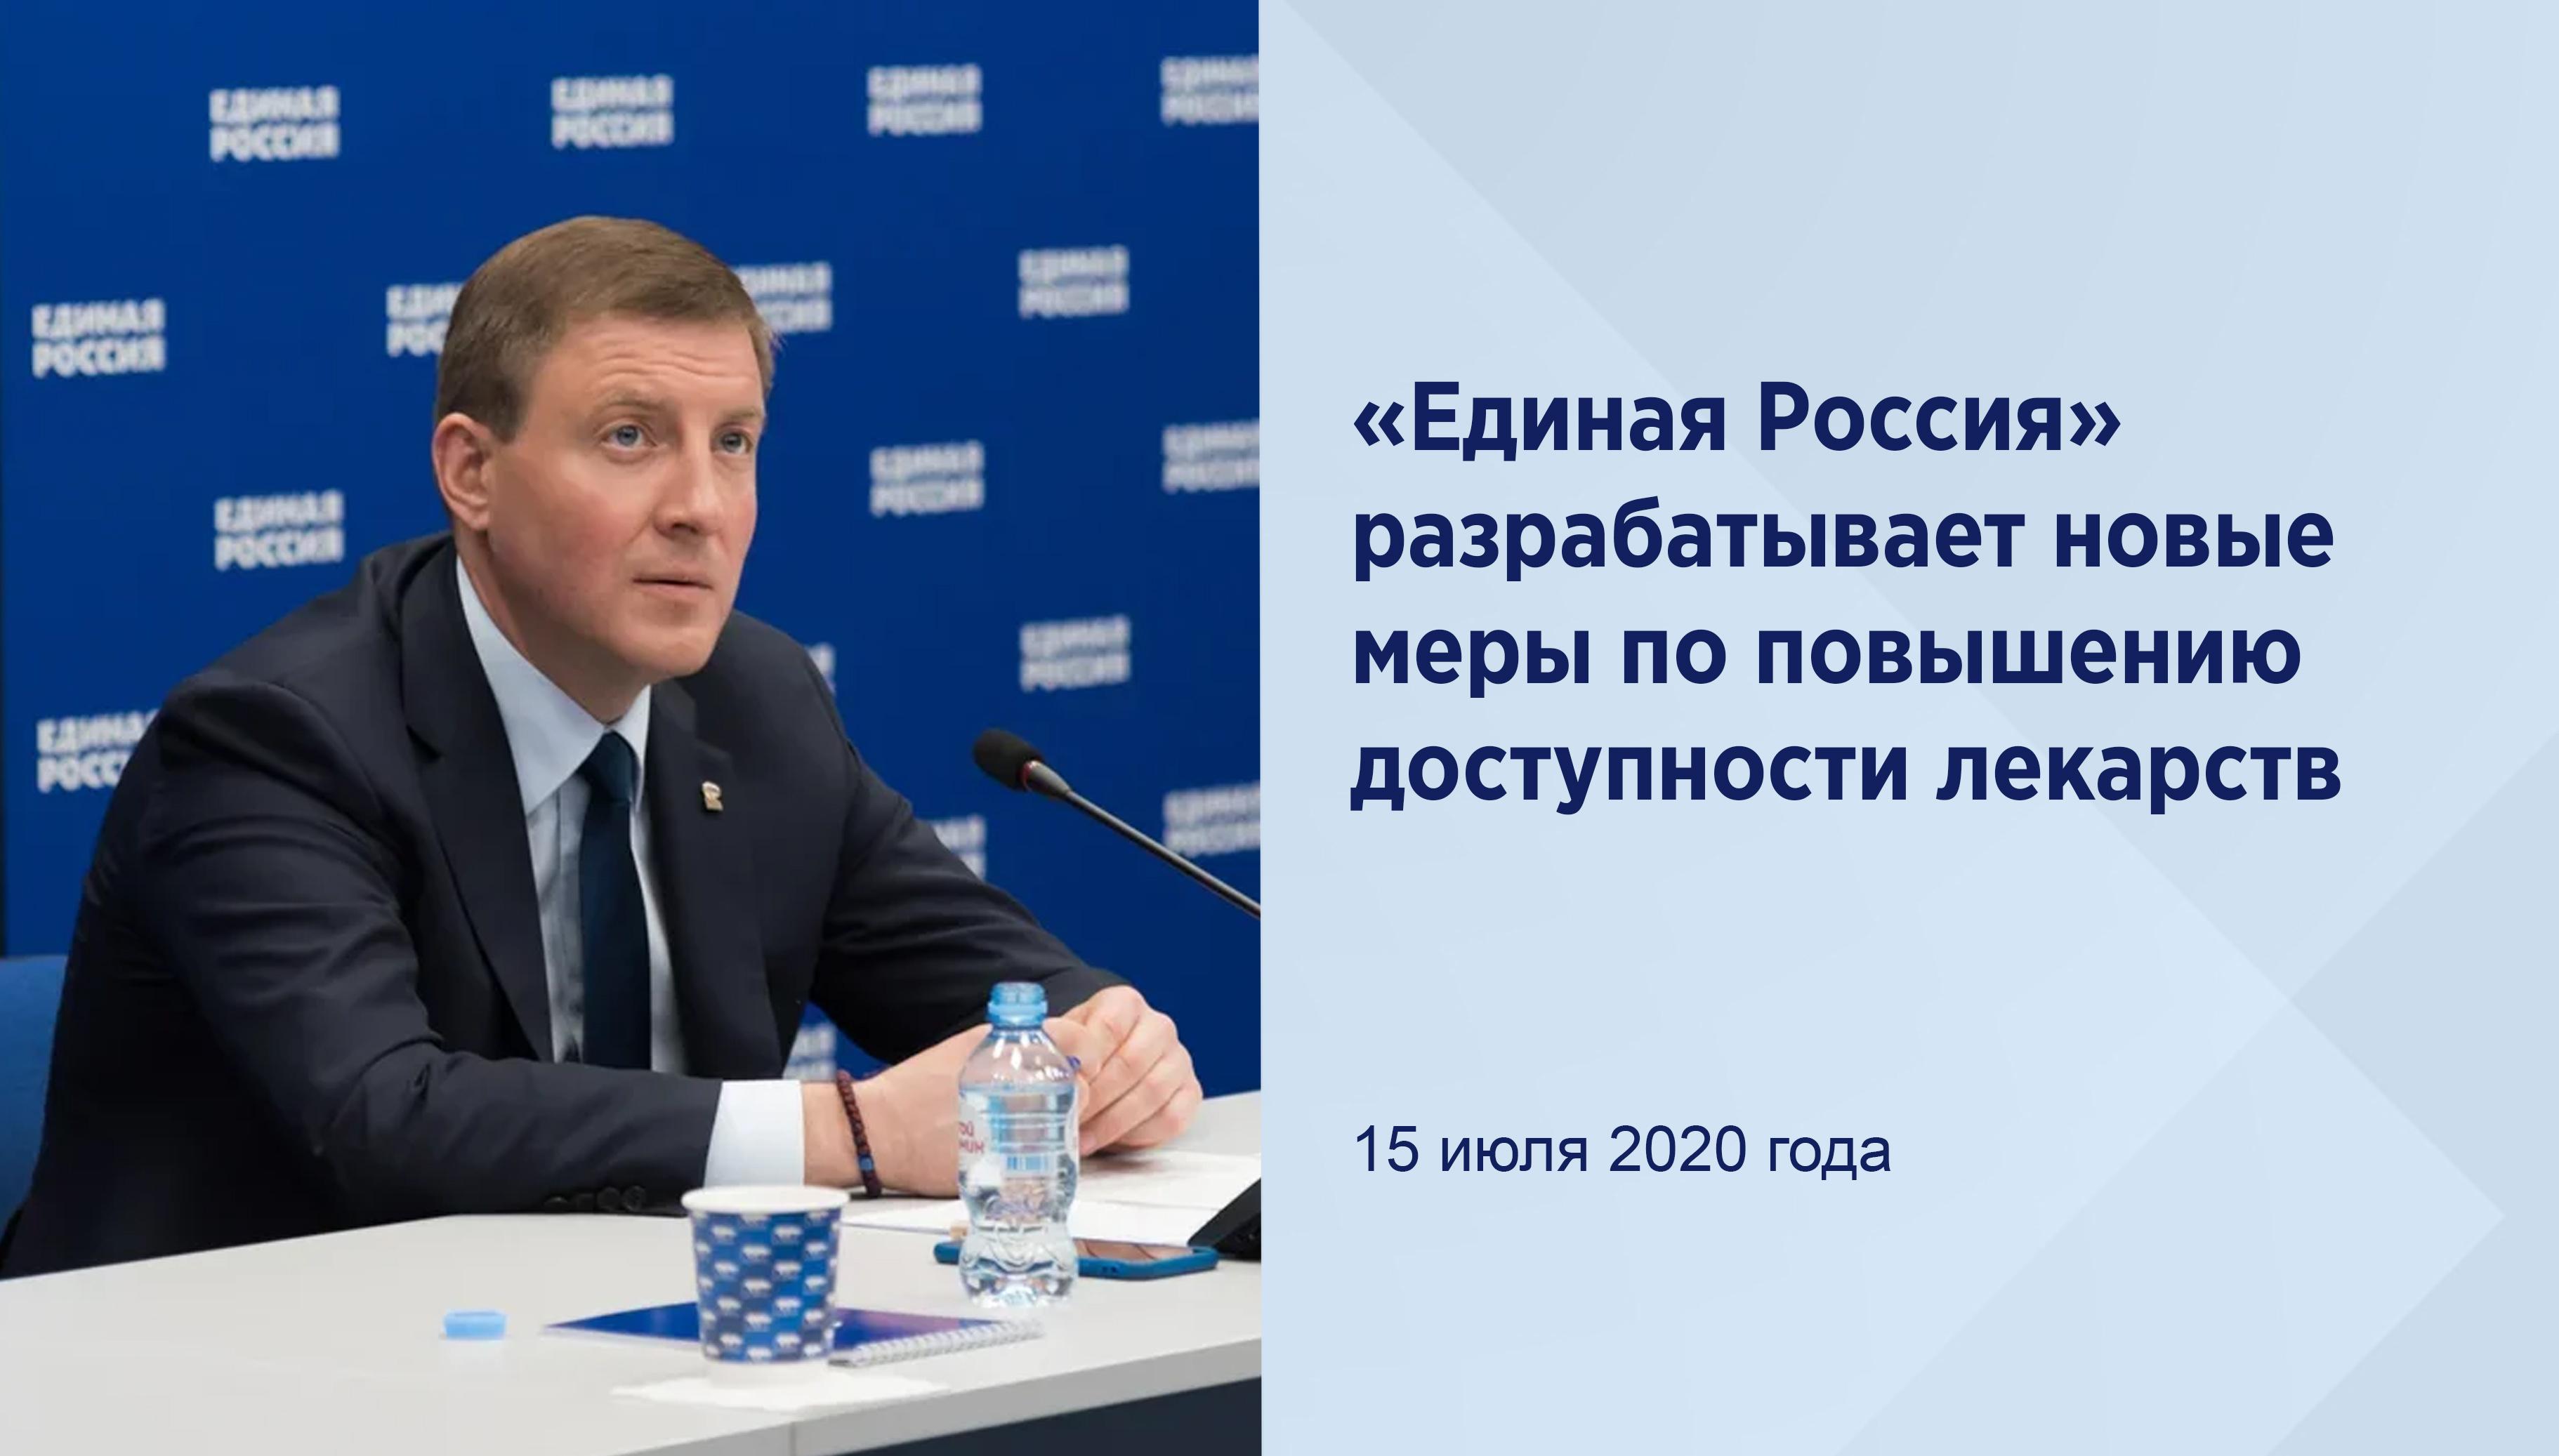 https://files.edinros.ru/get_file?url=58777910-c838-11ea-971b-b5a52b52bcc9